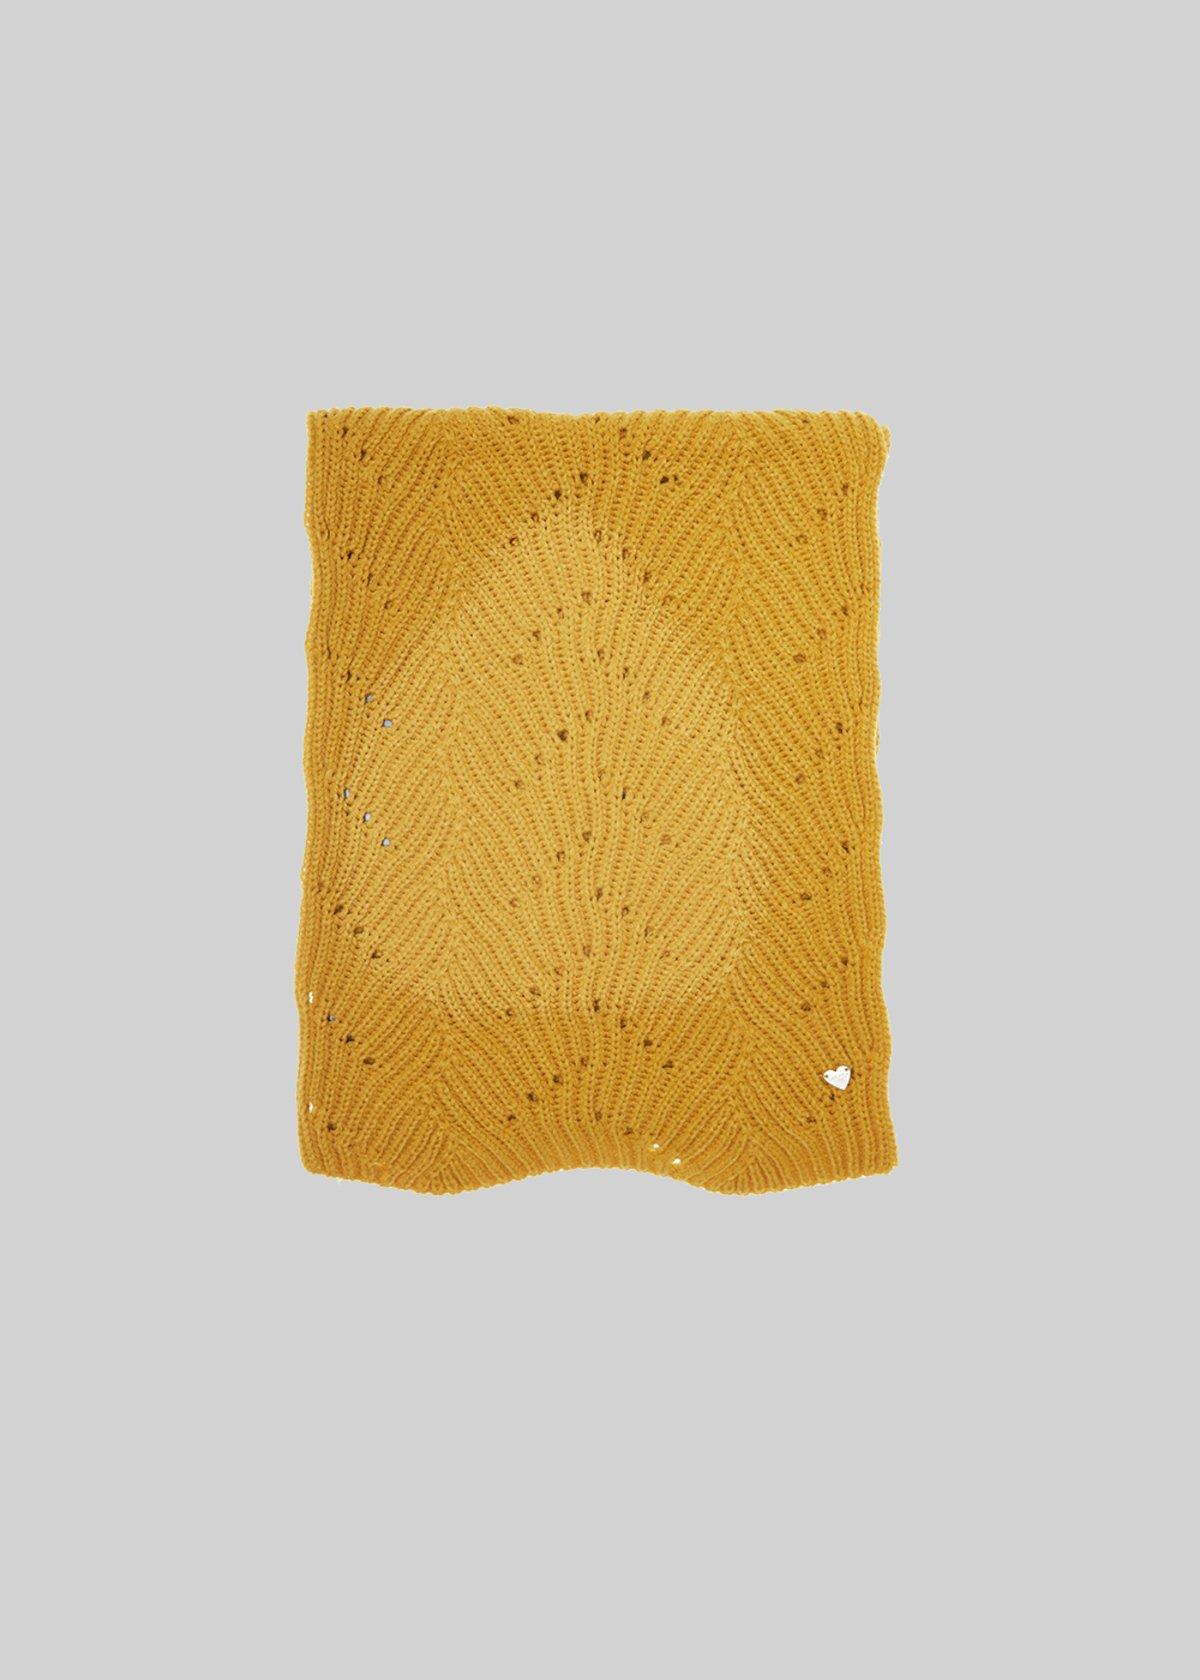 Sciarpa Sherry con micro fantasia - Curry - Donna - Immagine categoria